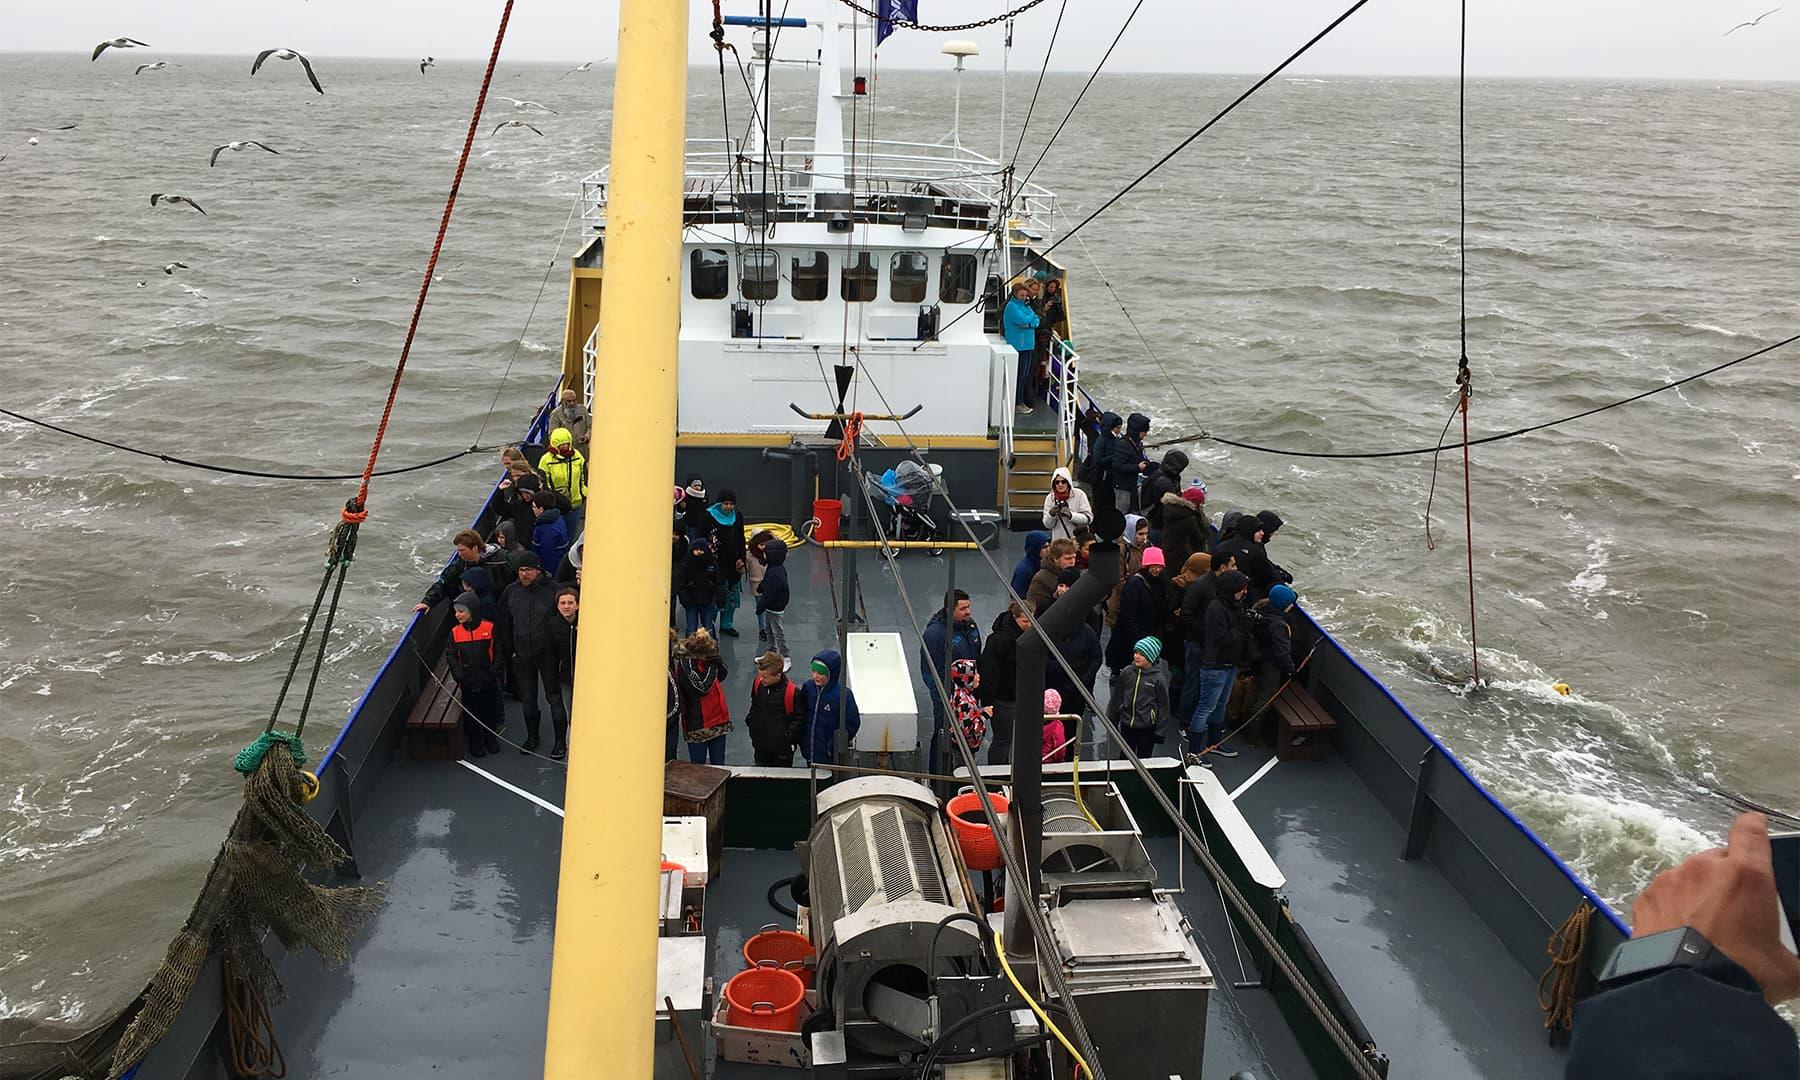 پکڑے گئے جھینگوں کو جہاز پر ہی بوائل کیا جاتا ہے اور تمام سیاحوں کو کھانے کے لیے پیش کردیا جاتا ہے